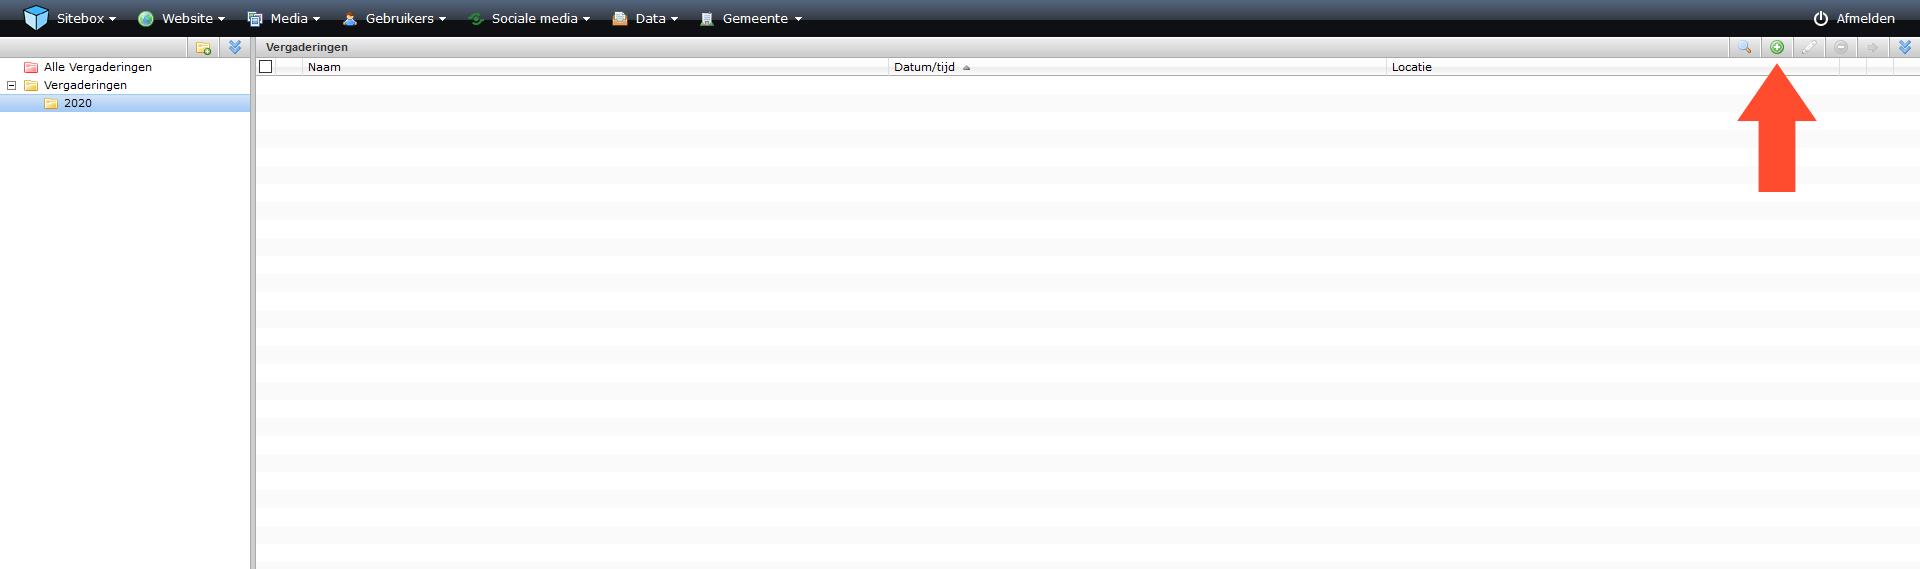 schermafdruk van de module vergaderingen met een pijl naar de actieknop toevoegen